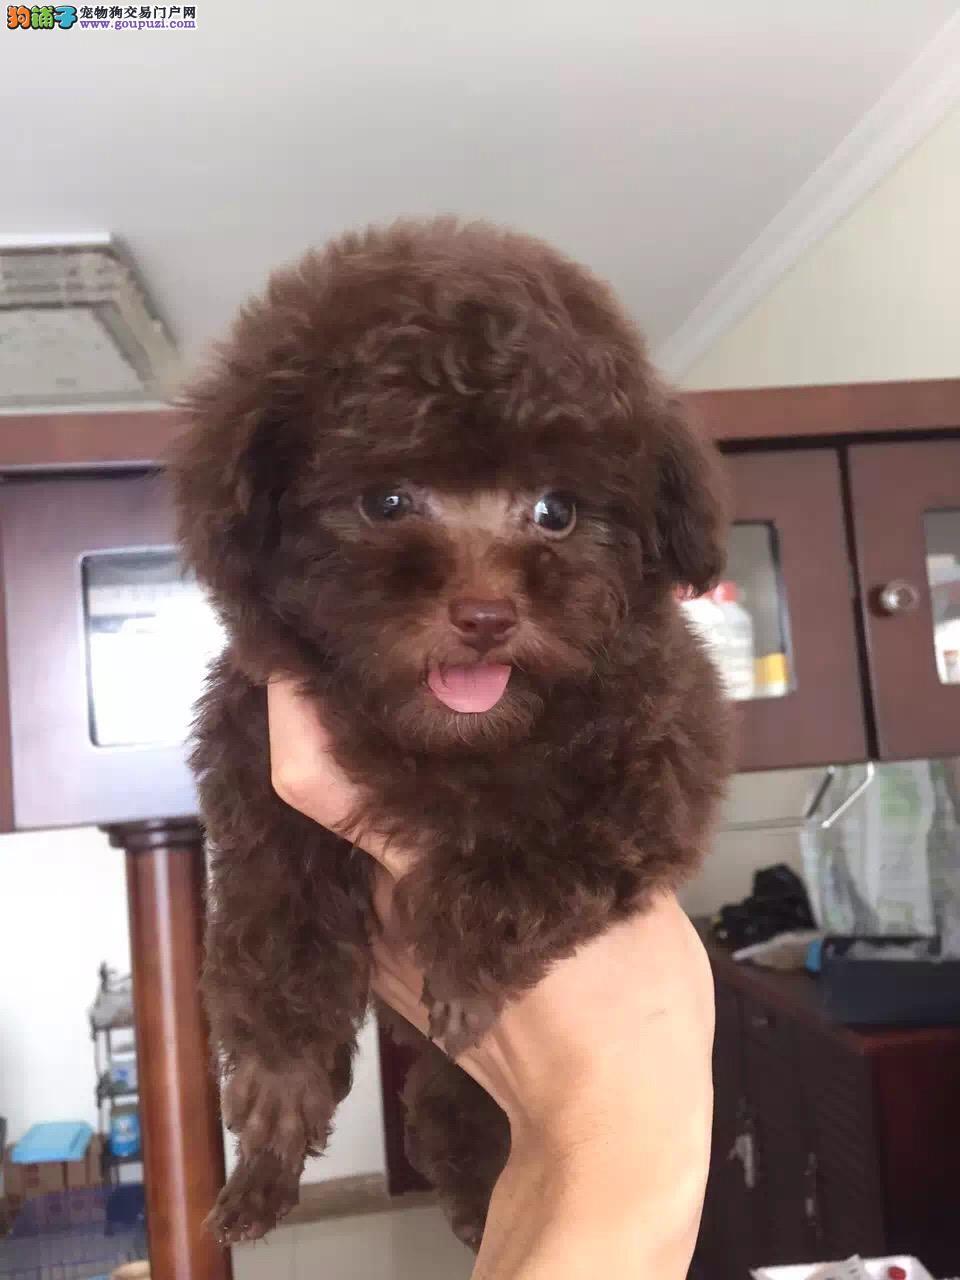 重庆出售精品纯种小型犬比熊宝宝袖珍迷你茶杯犬宠物狗